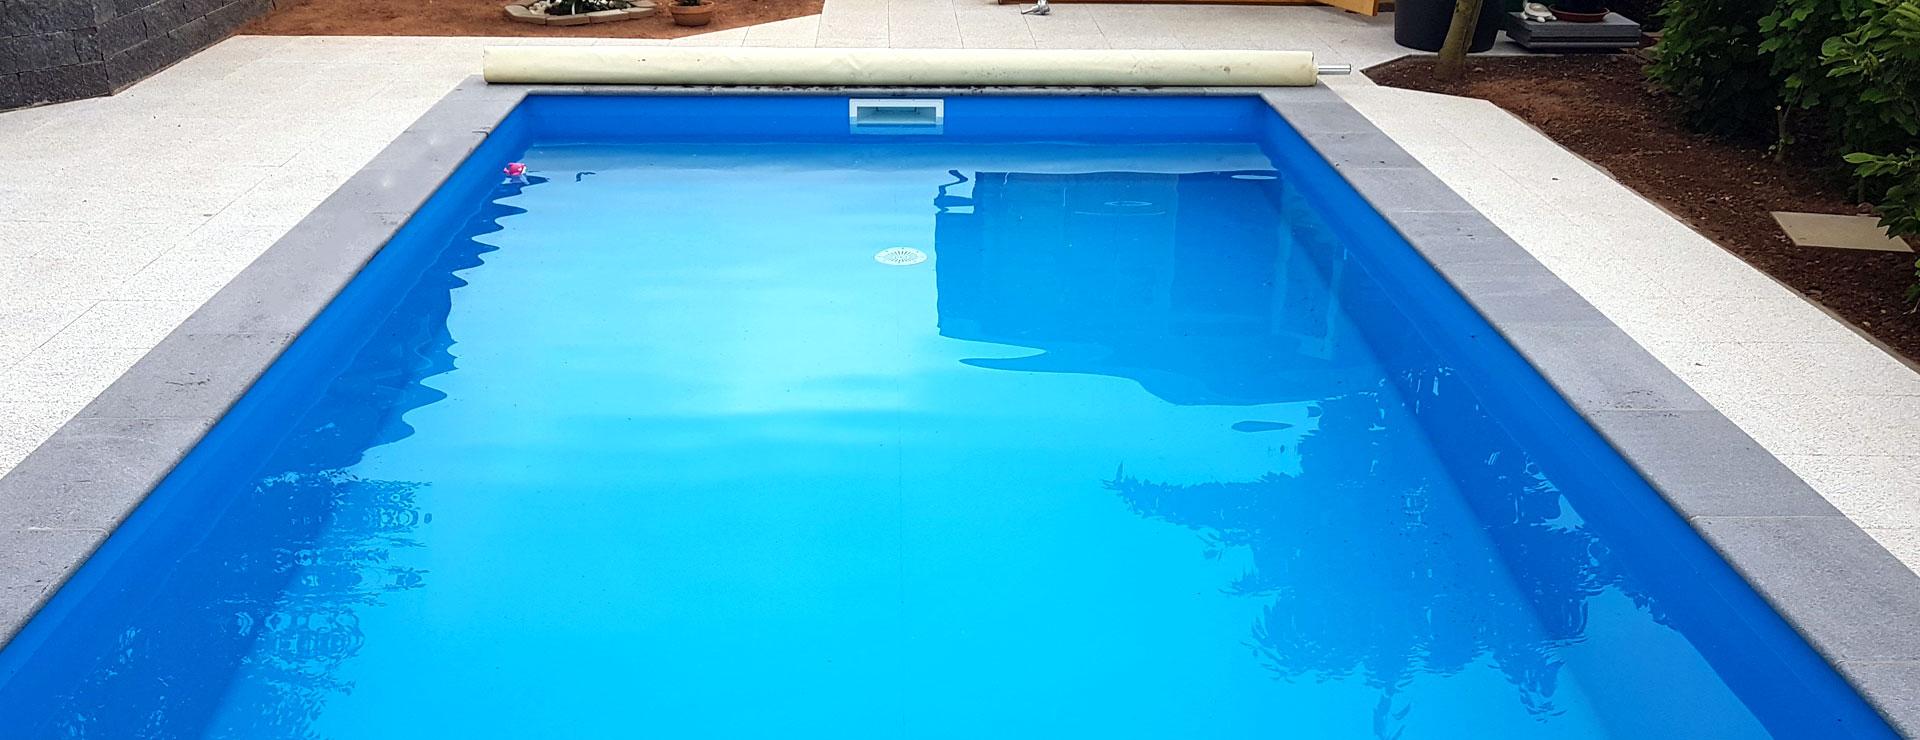 Poolbau Kassel